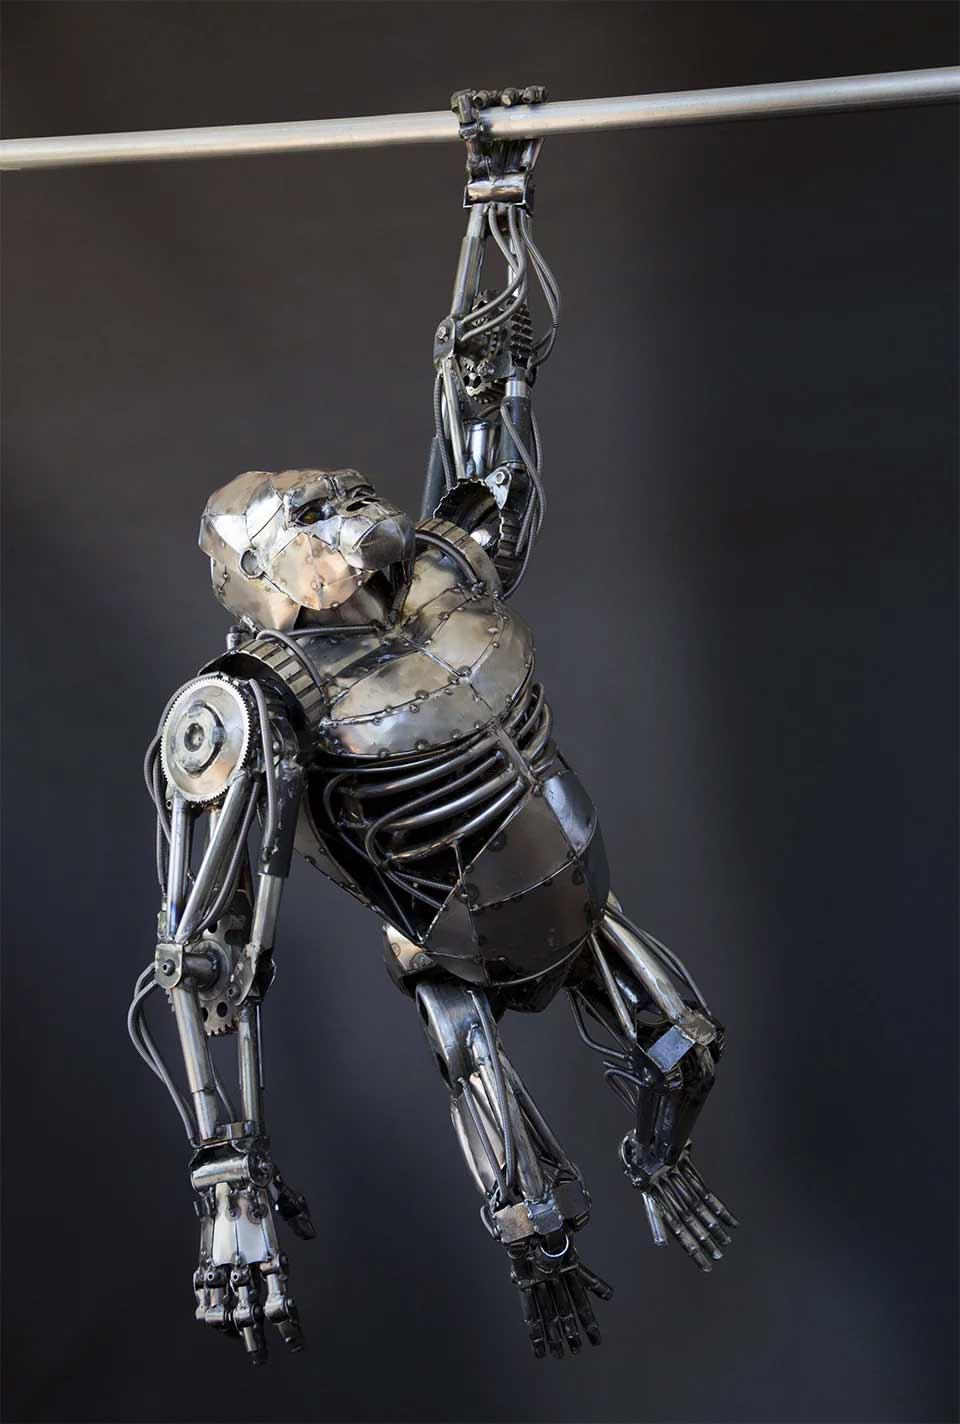 Tierskulpturen aus Metall von Andrew Chase Andrew-Chase-tierskulpturen-metall_12